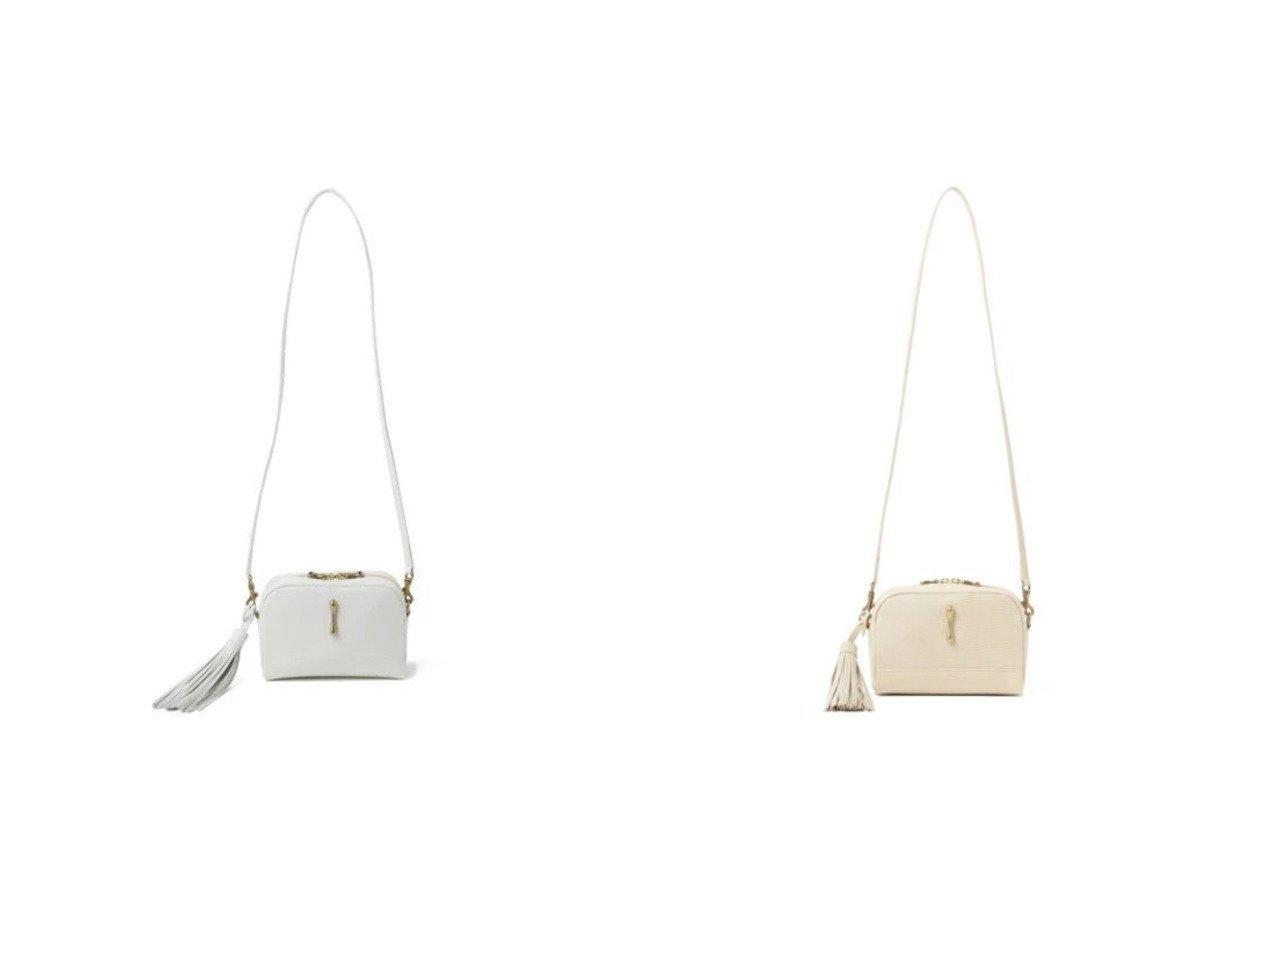 【Demi-Luxe BEAMS/デミルクス ビームス】のTOFF& レヴューリザード ショルダーバッグ バッグ・鞄のおすすめ!人気トレンド・レディースファッションの通販 おすすめで人気のファッション通販商品 インテリア・家具・キッズファッション・メンズファッション・レディースファッション・服の通販 founy(ファニー) https://founy.com/ ファッション Fashion レディース WOMEN バッグ Bag インナー クラシック センター 財布 タッセル バランス フロント ポシェット ポーチ モダン ラップ |ID:crp329100000007012